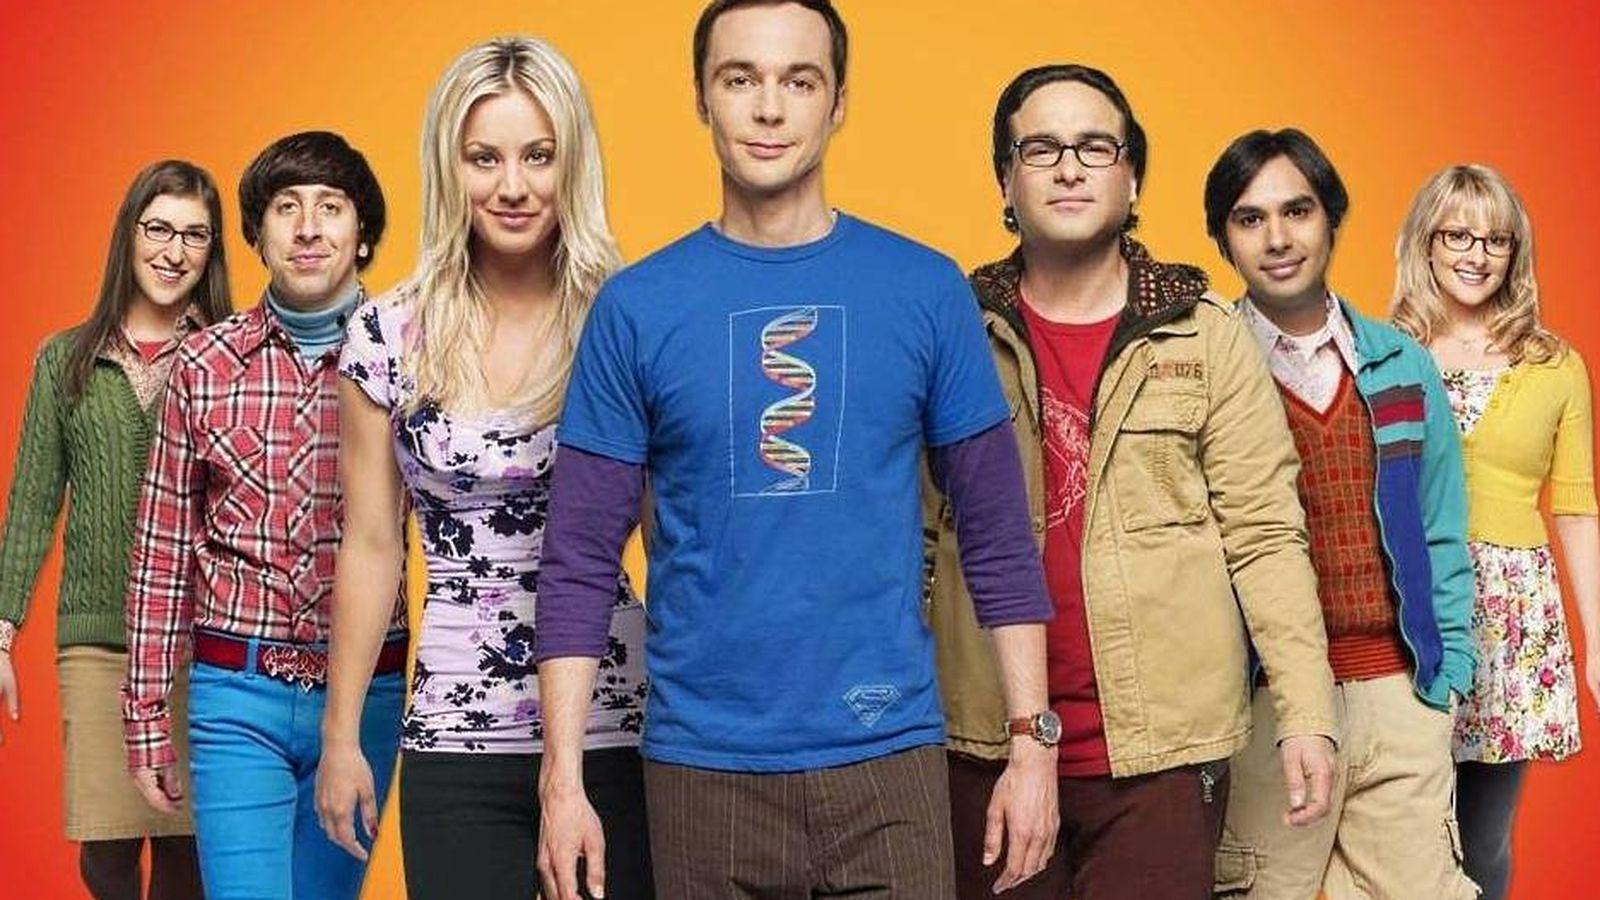 Foto: The Big Bang Theory